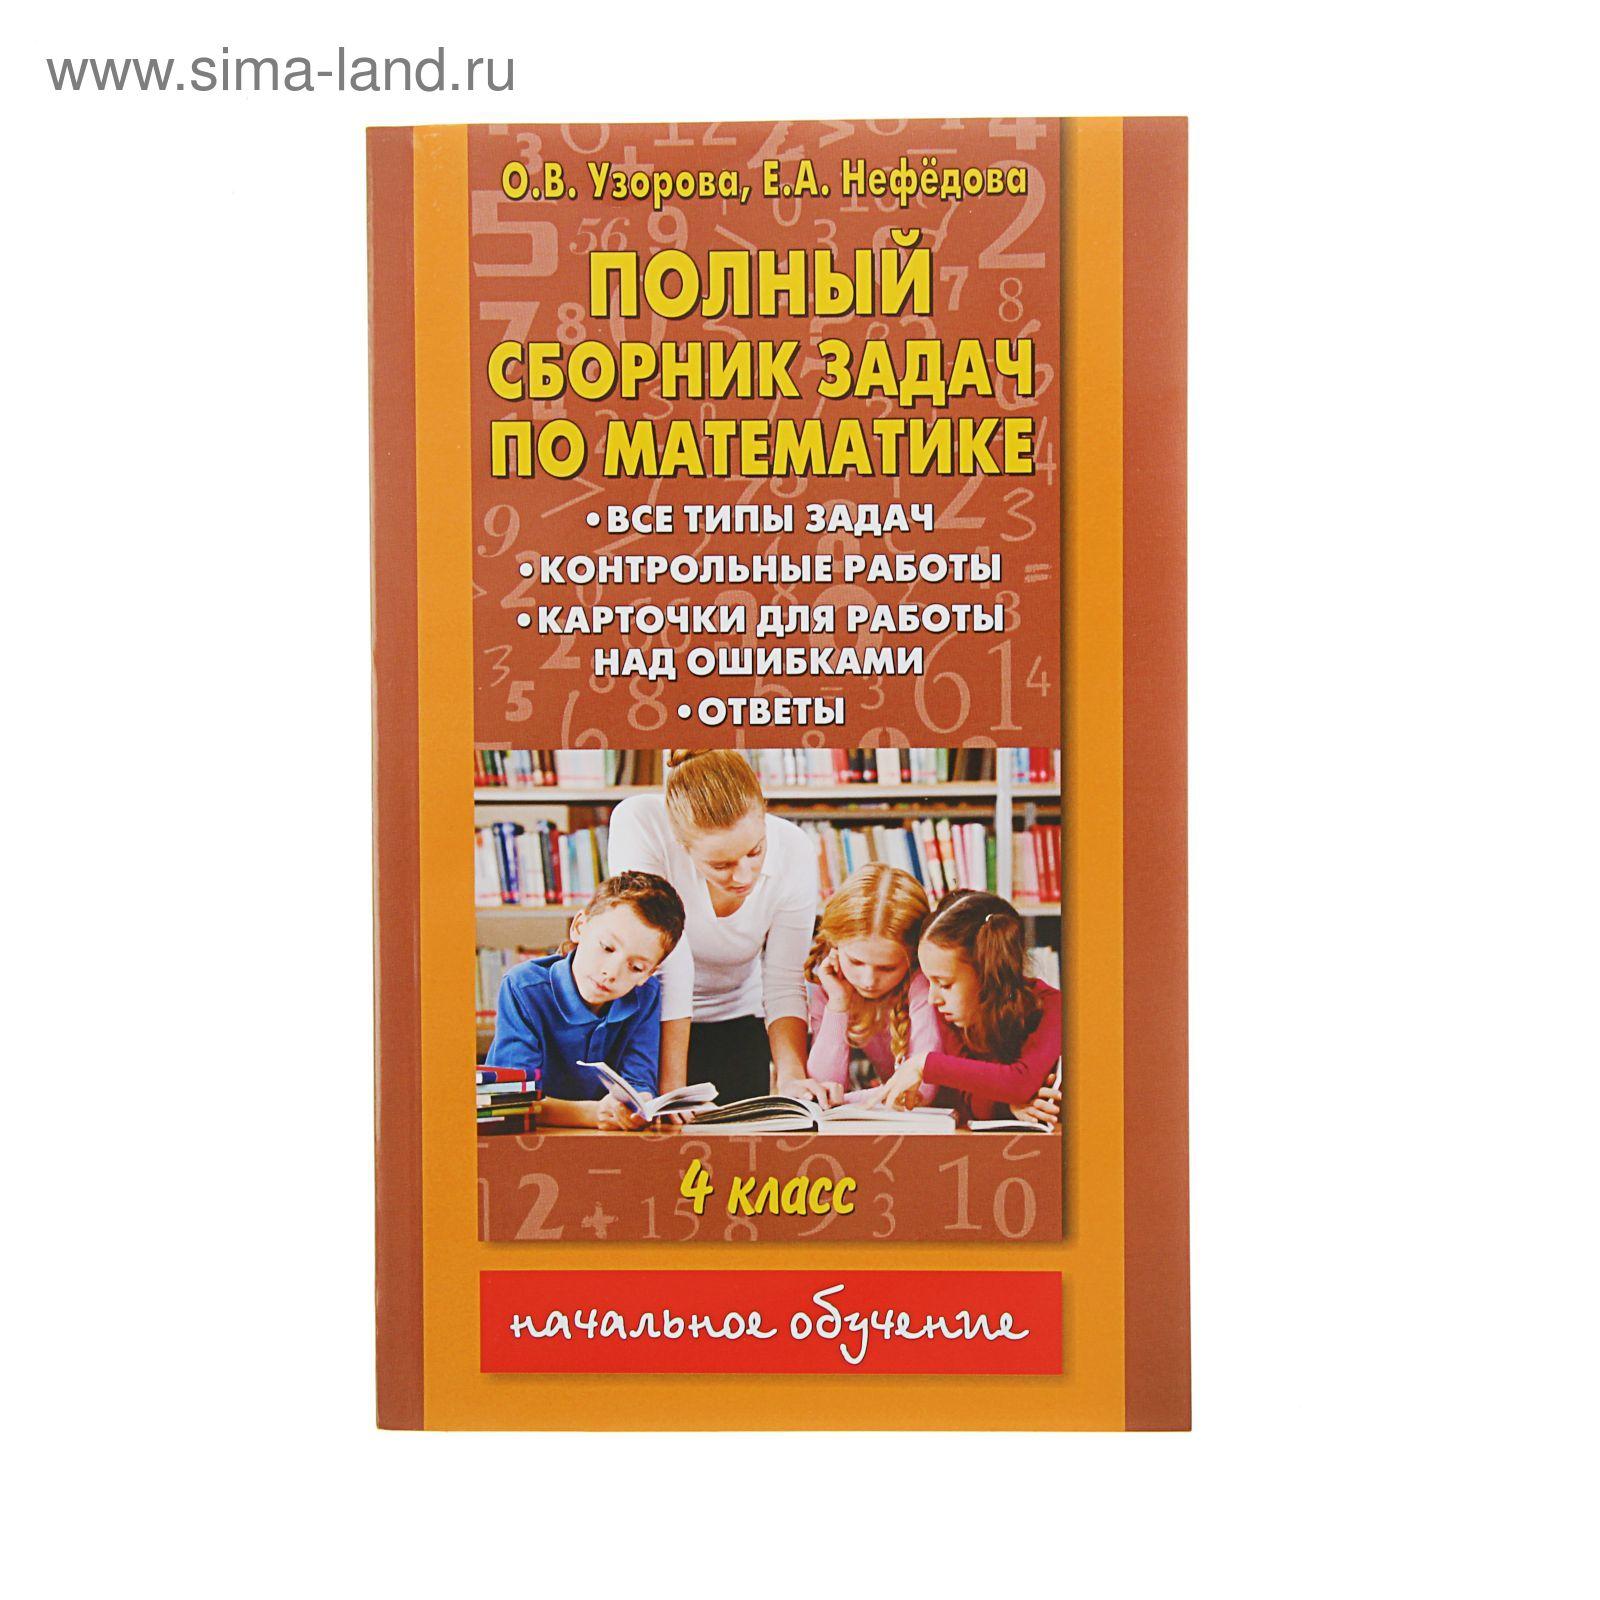 Русский язык. Упражнения и тесты для каждого урока. 4 класс. Автор.